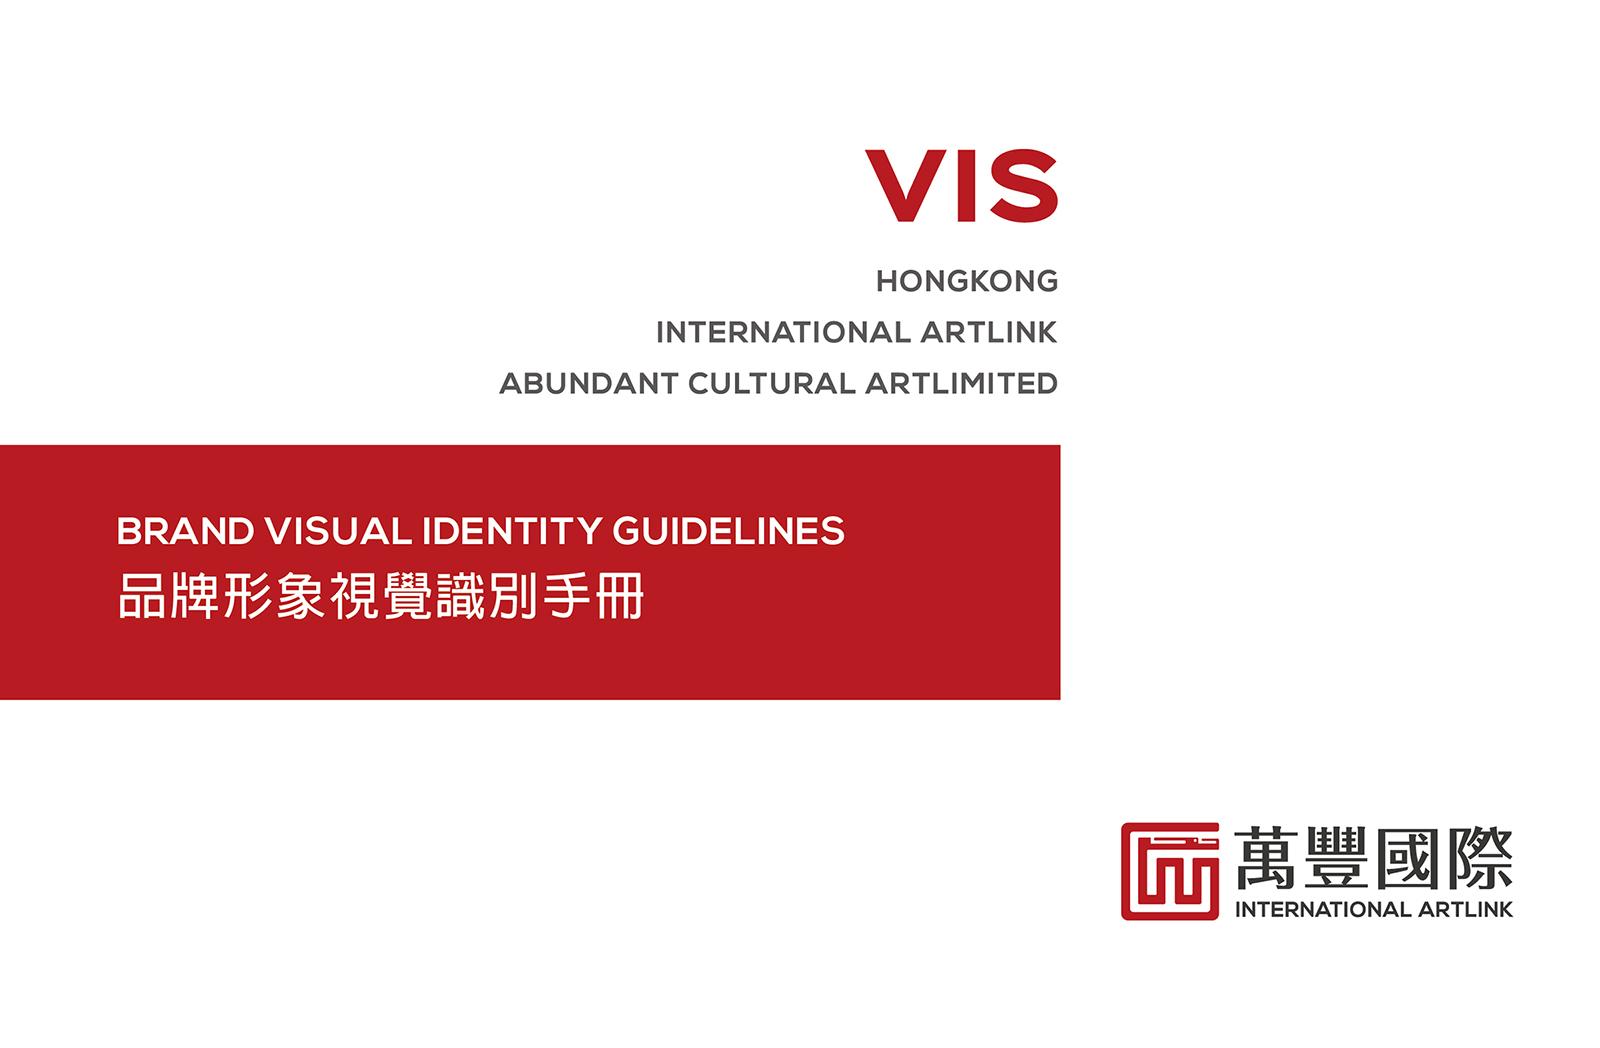 万丰国际集团品牌形象识别设计-深圳VI设计